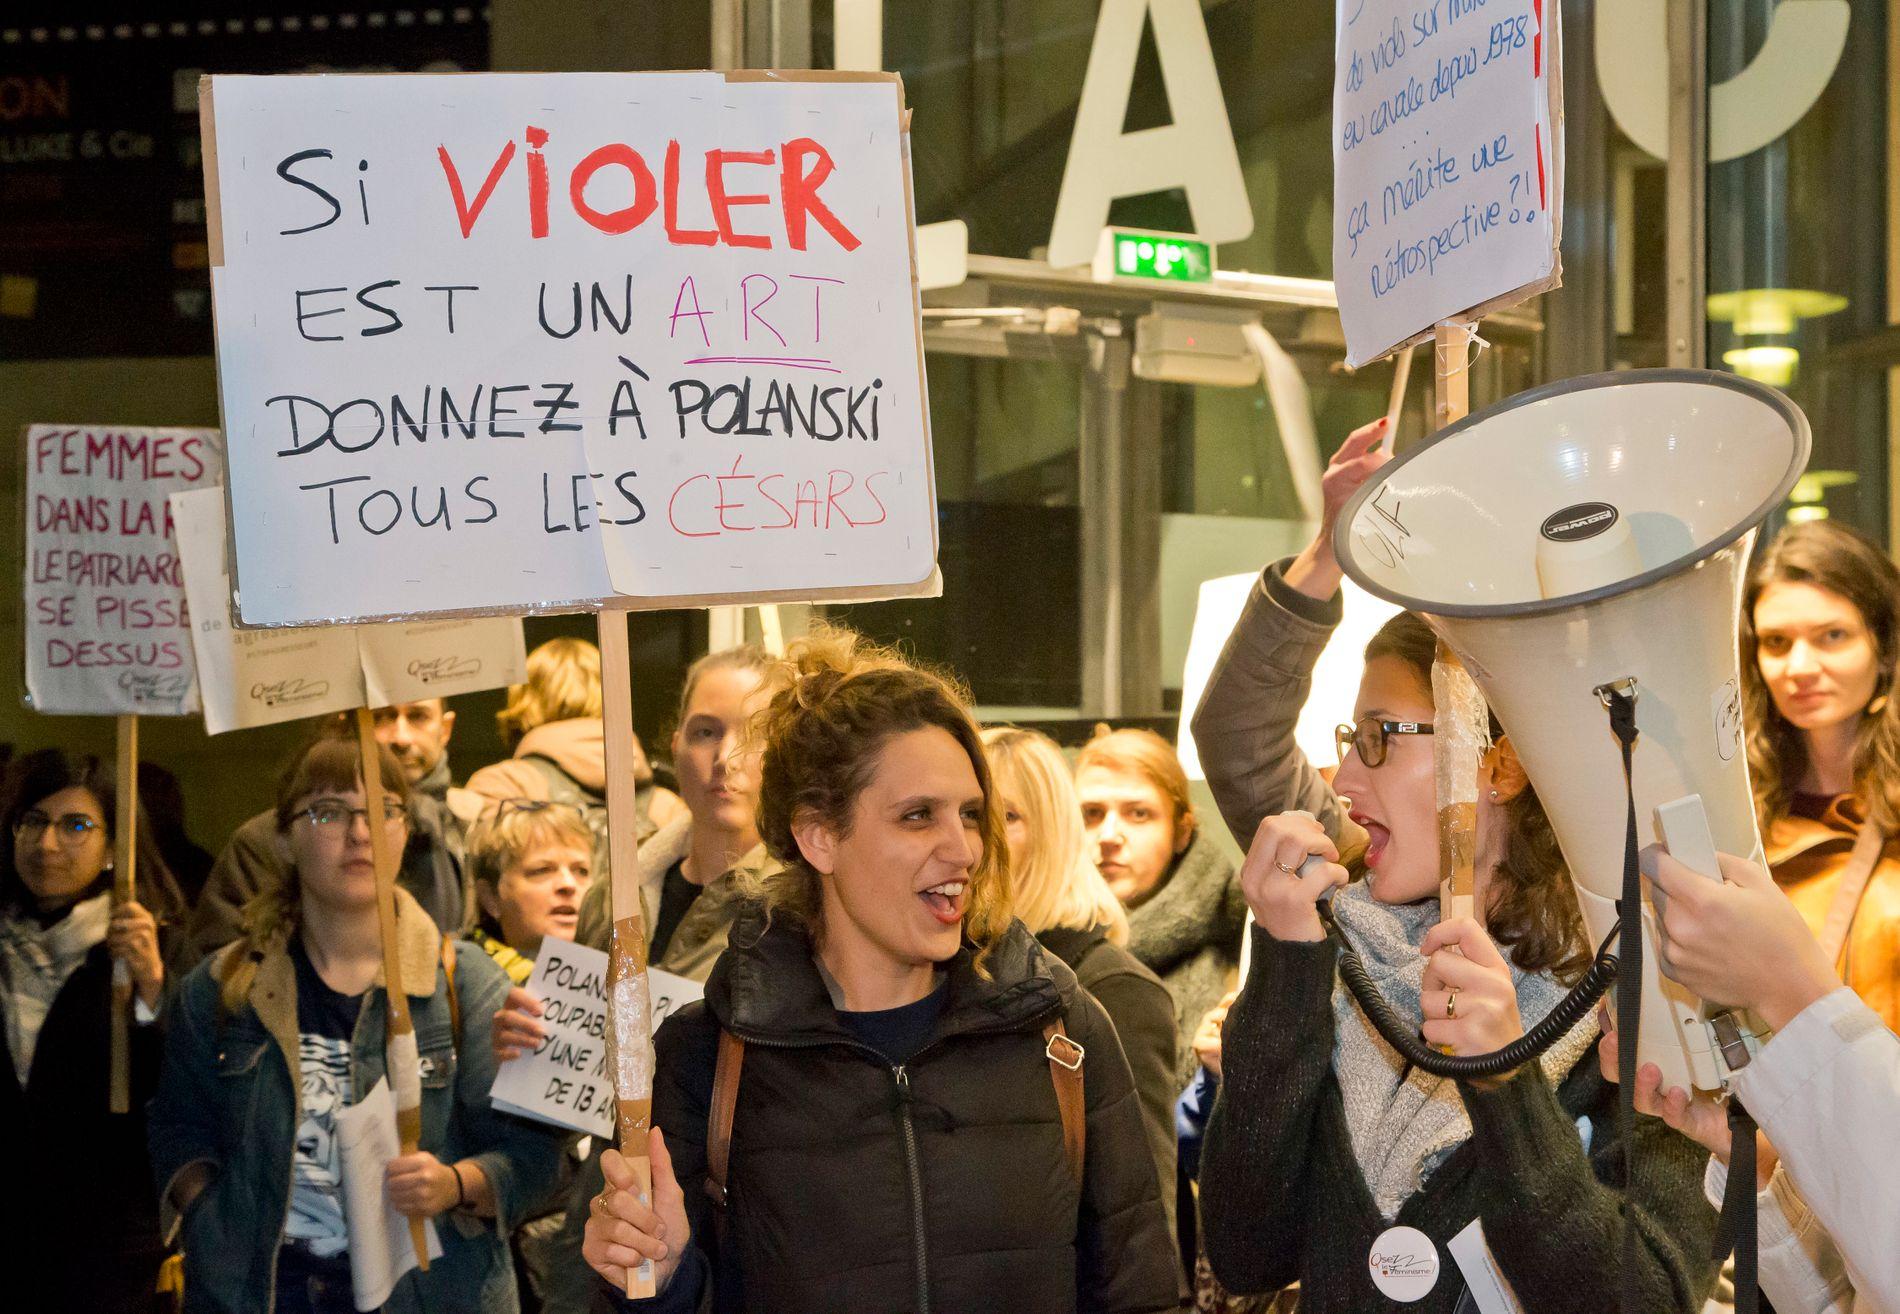 MANGE: Også påkledde demonstranter ga Polanski motstand.